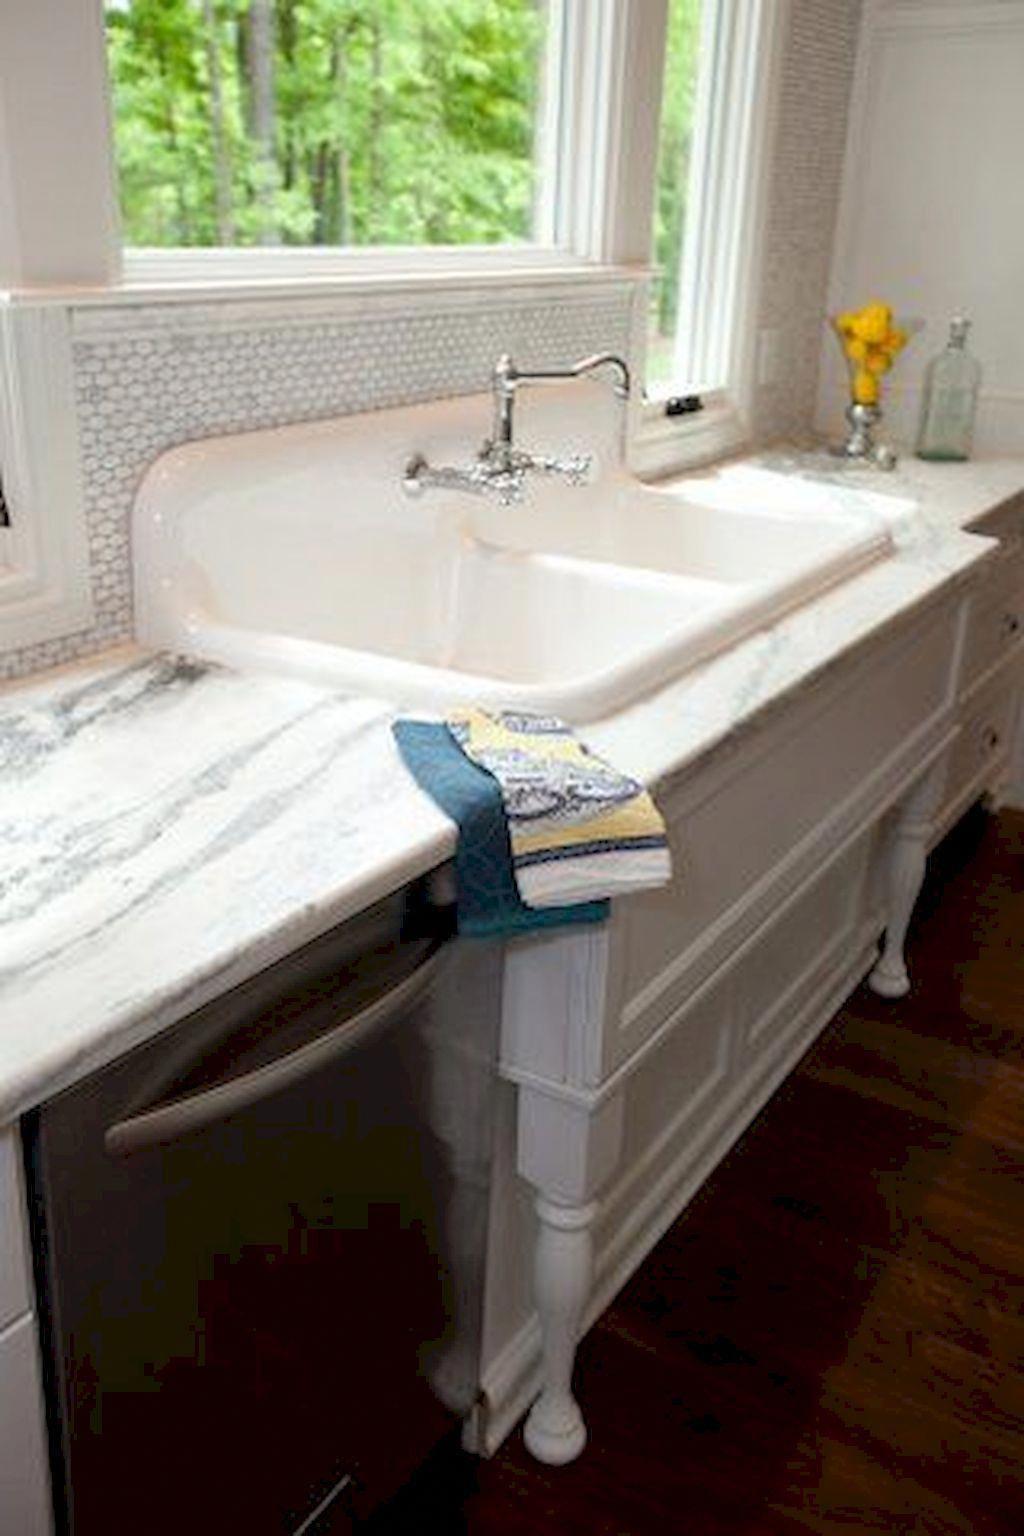 wash basin in bathroom undermount sink bath corian kitchen kitchen tools vintage kitchen on kitchen sink id=43769